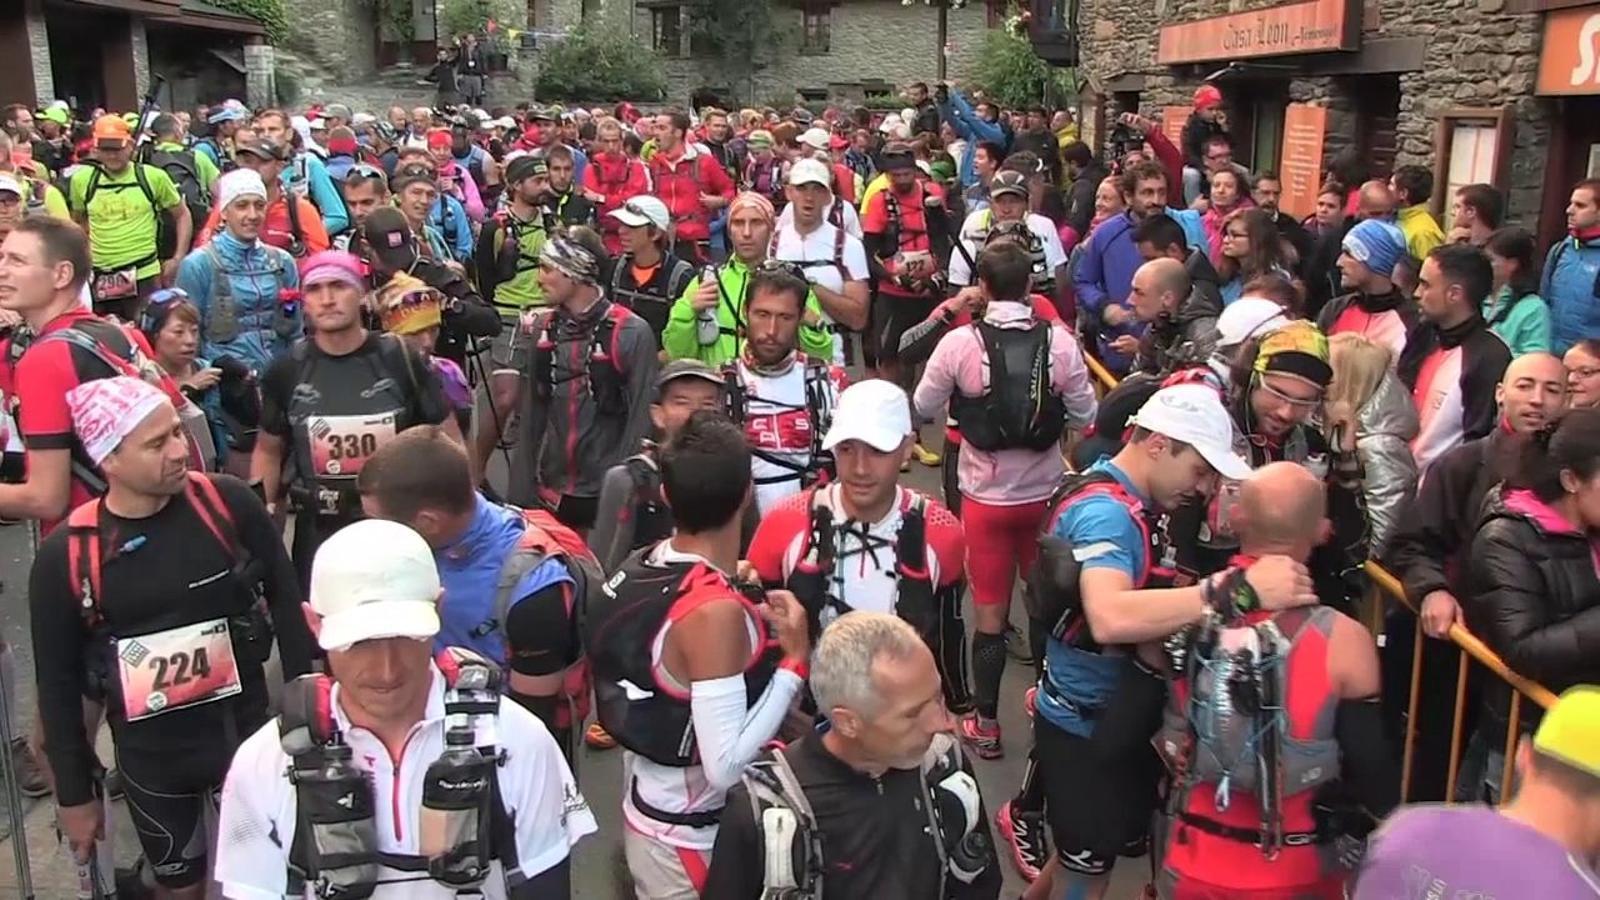 Les millors imatges i declaracions dels guanyadors de l'Ultra Trail